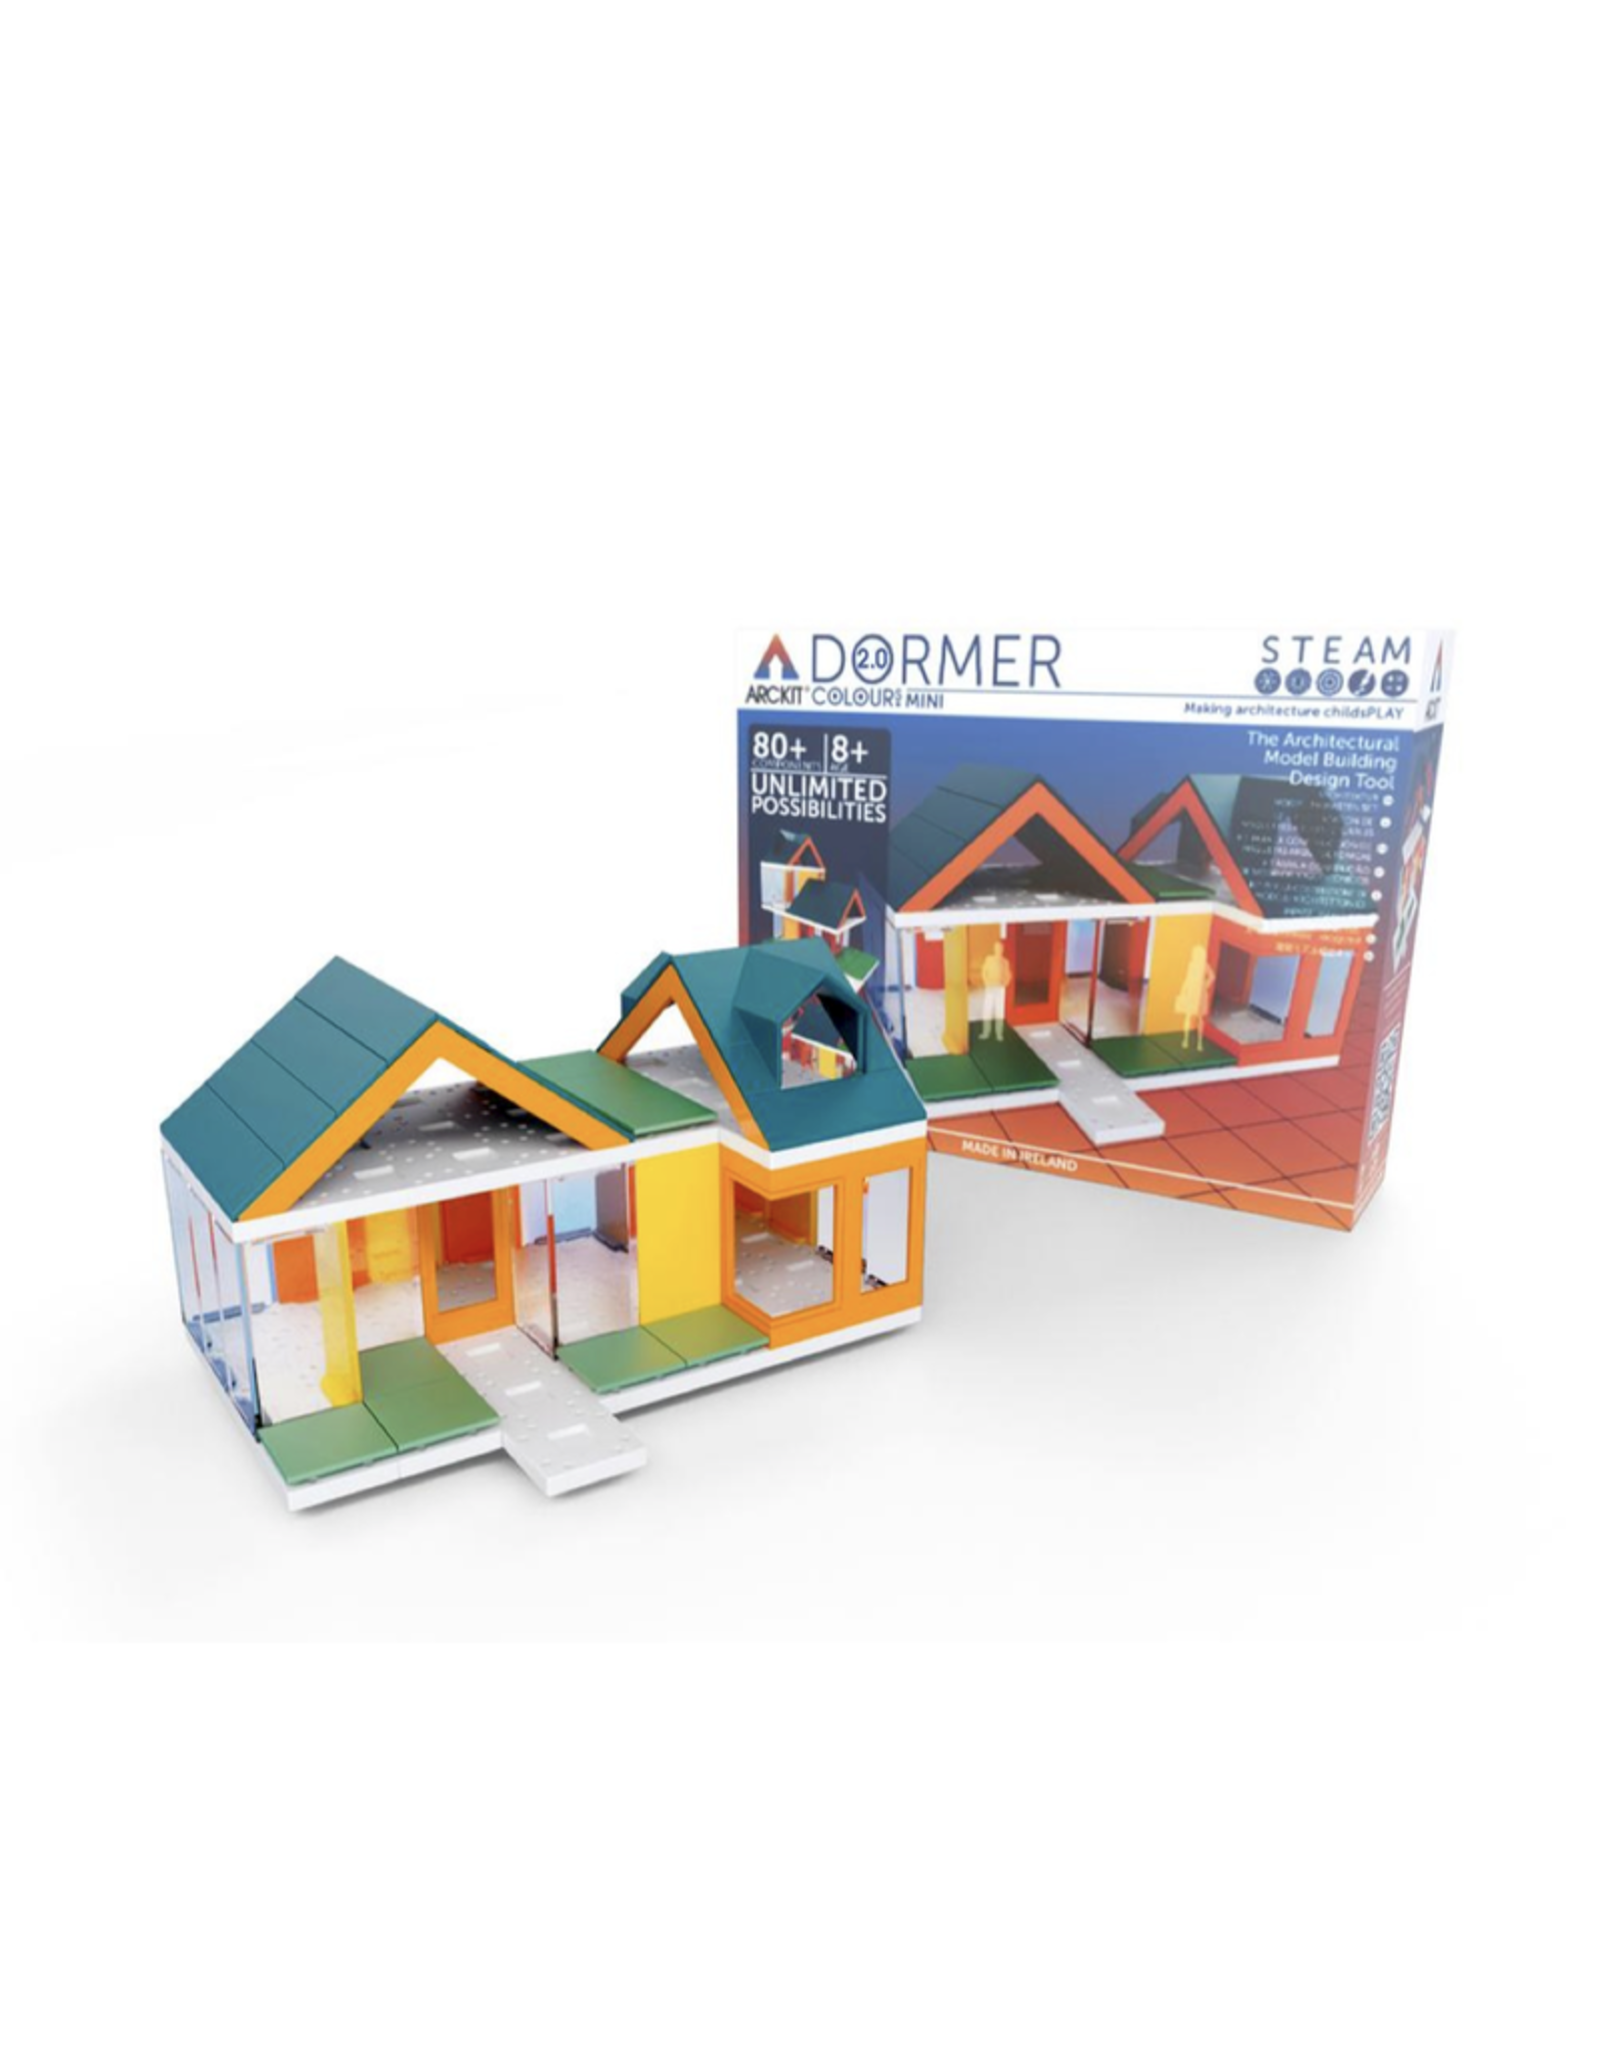 Mini 2.0 Dormer Color Kids Scale Model Building Kit